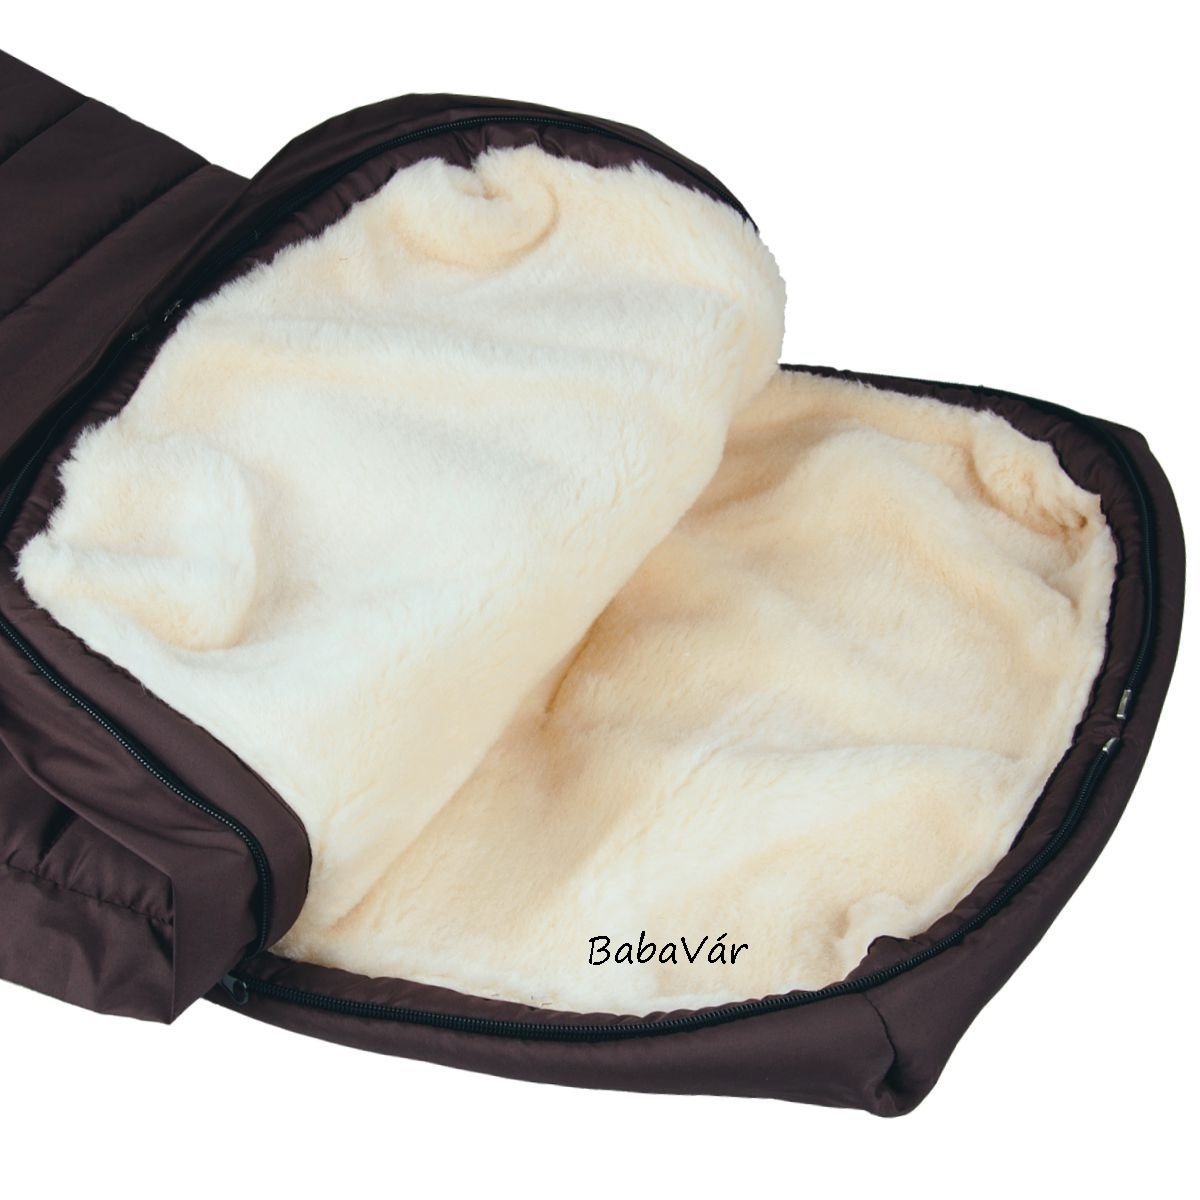 BabyCab Prémium báránygyapjú bundazsák babakocsiba natur